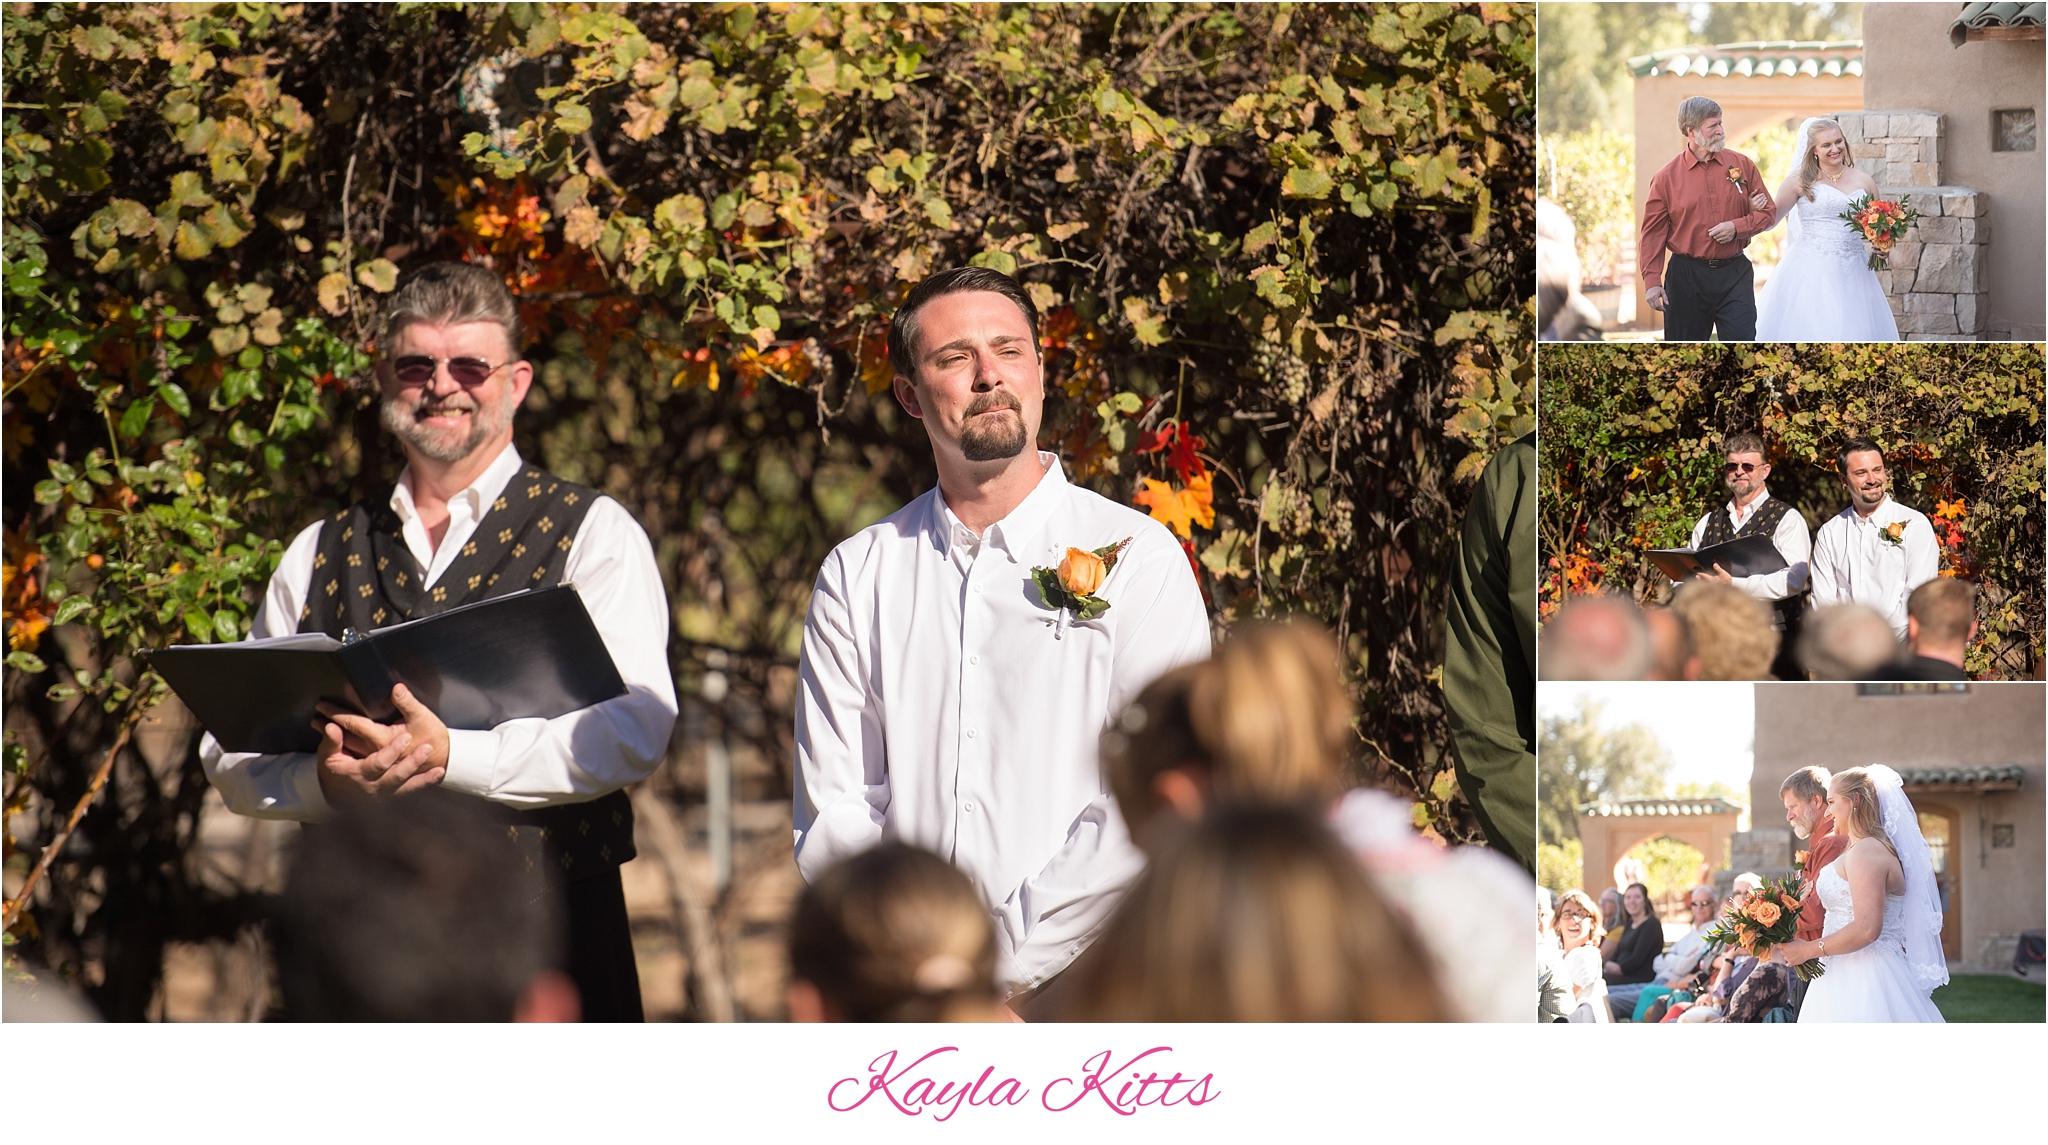 kayla kitts photography - albuquerque wedding photographer - albuquerque wedding photography - albuquerque venue - casa rondena - casa rondea wedding - new mexico wedding photographer_0008.jpg